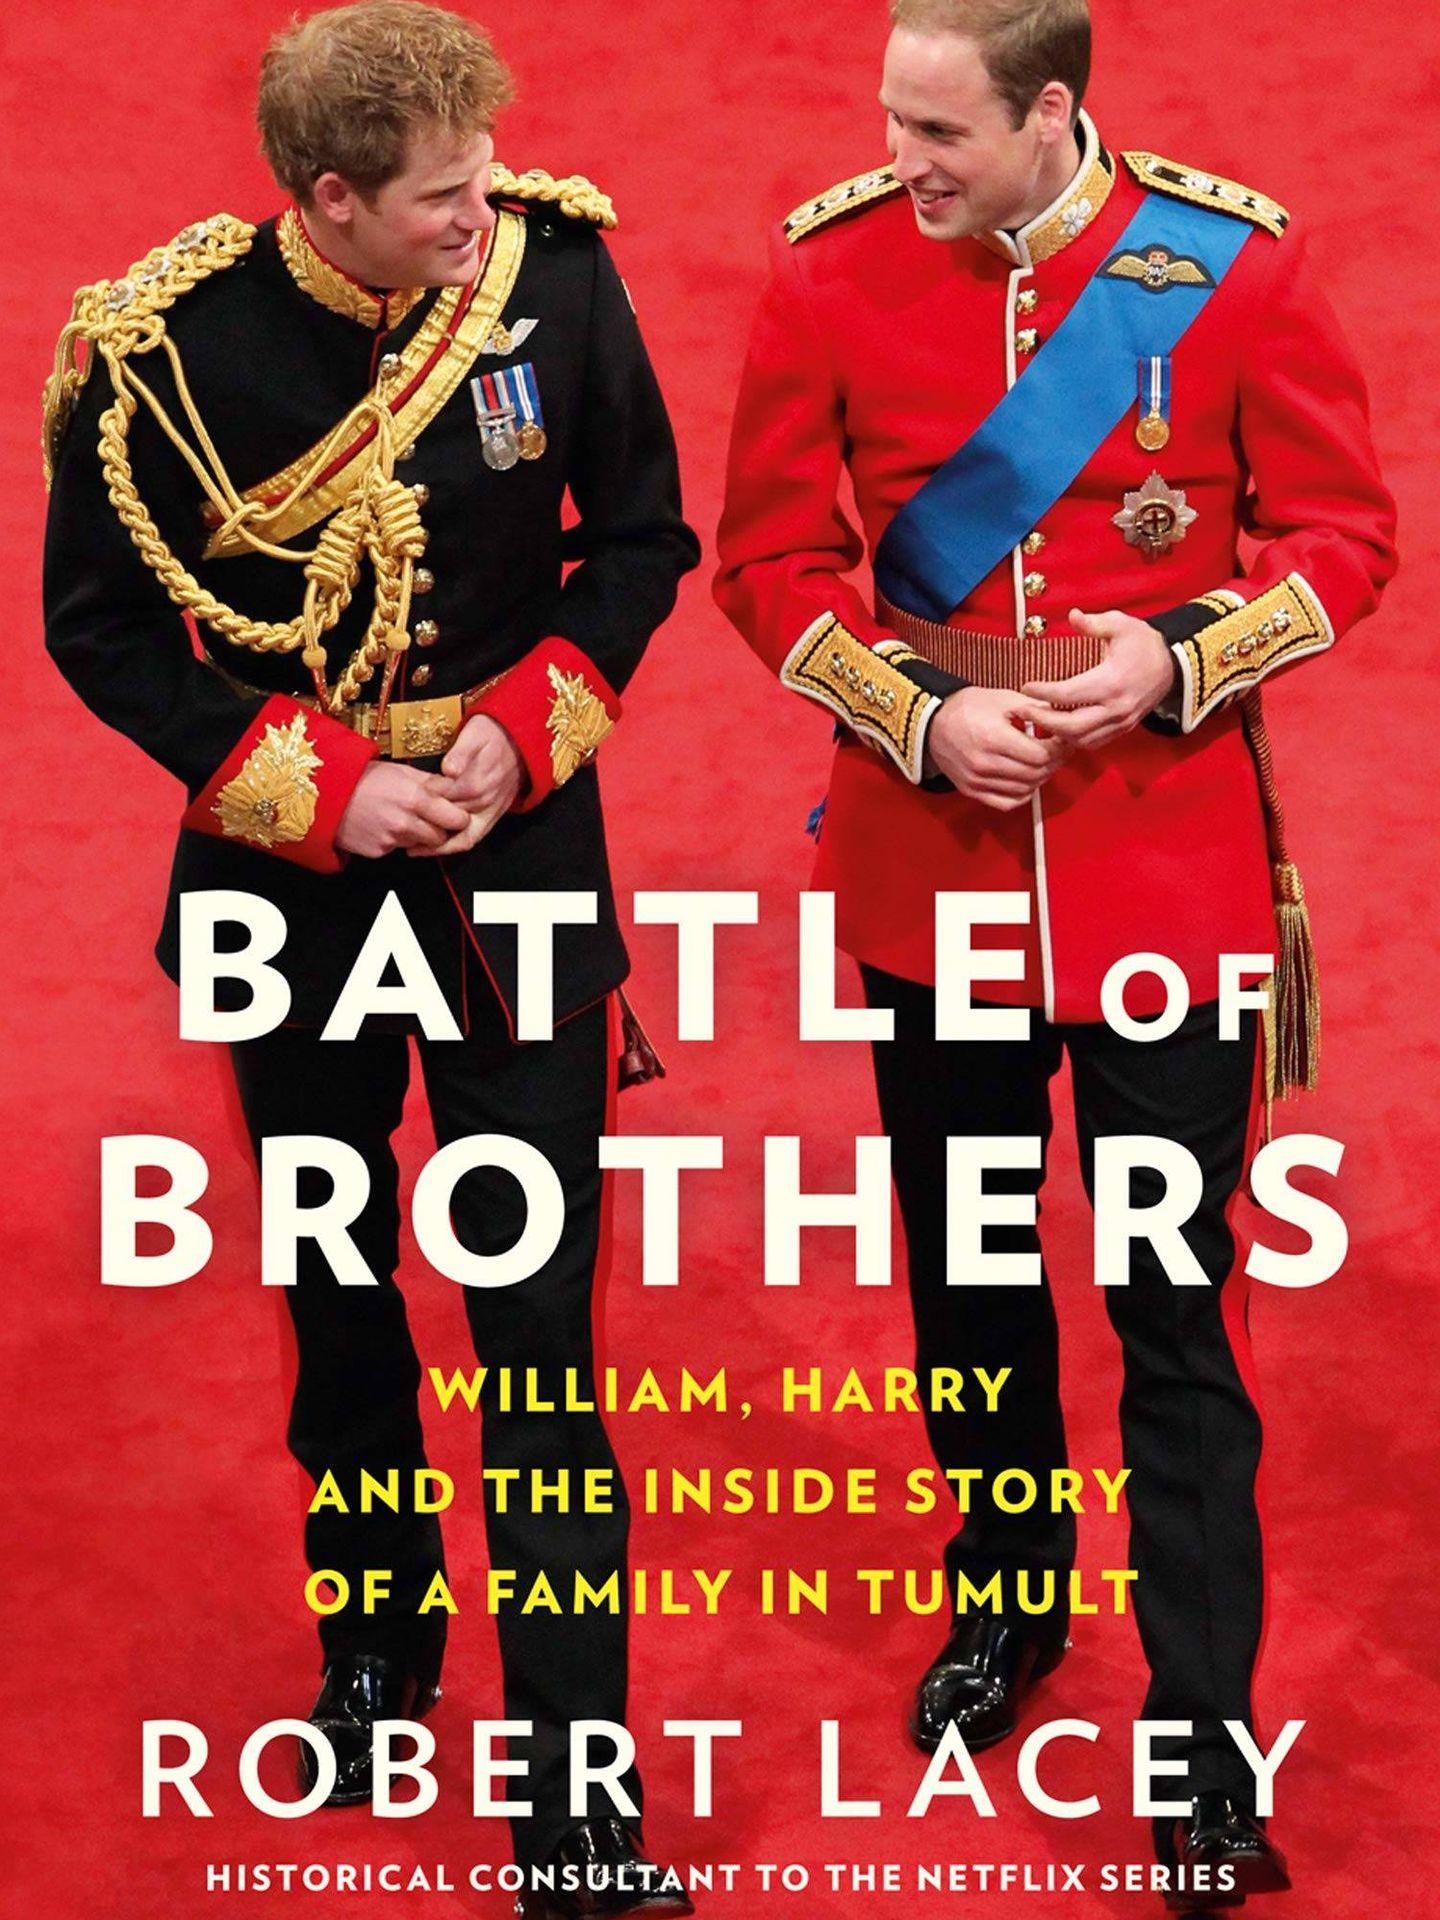 Portada del libro 'Battle of Brothers', que saldrá publicado el próximo 15 de octubre. (Amazon)